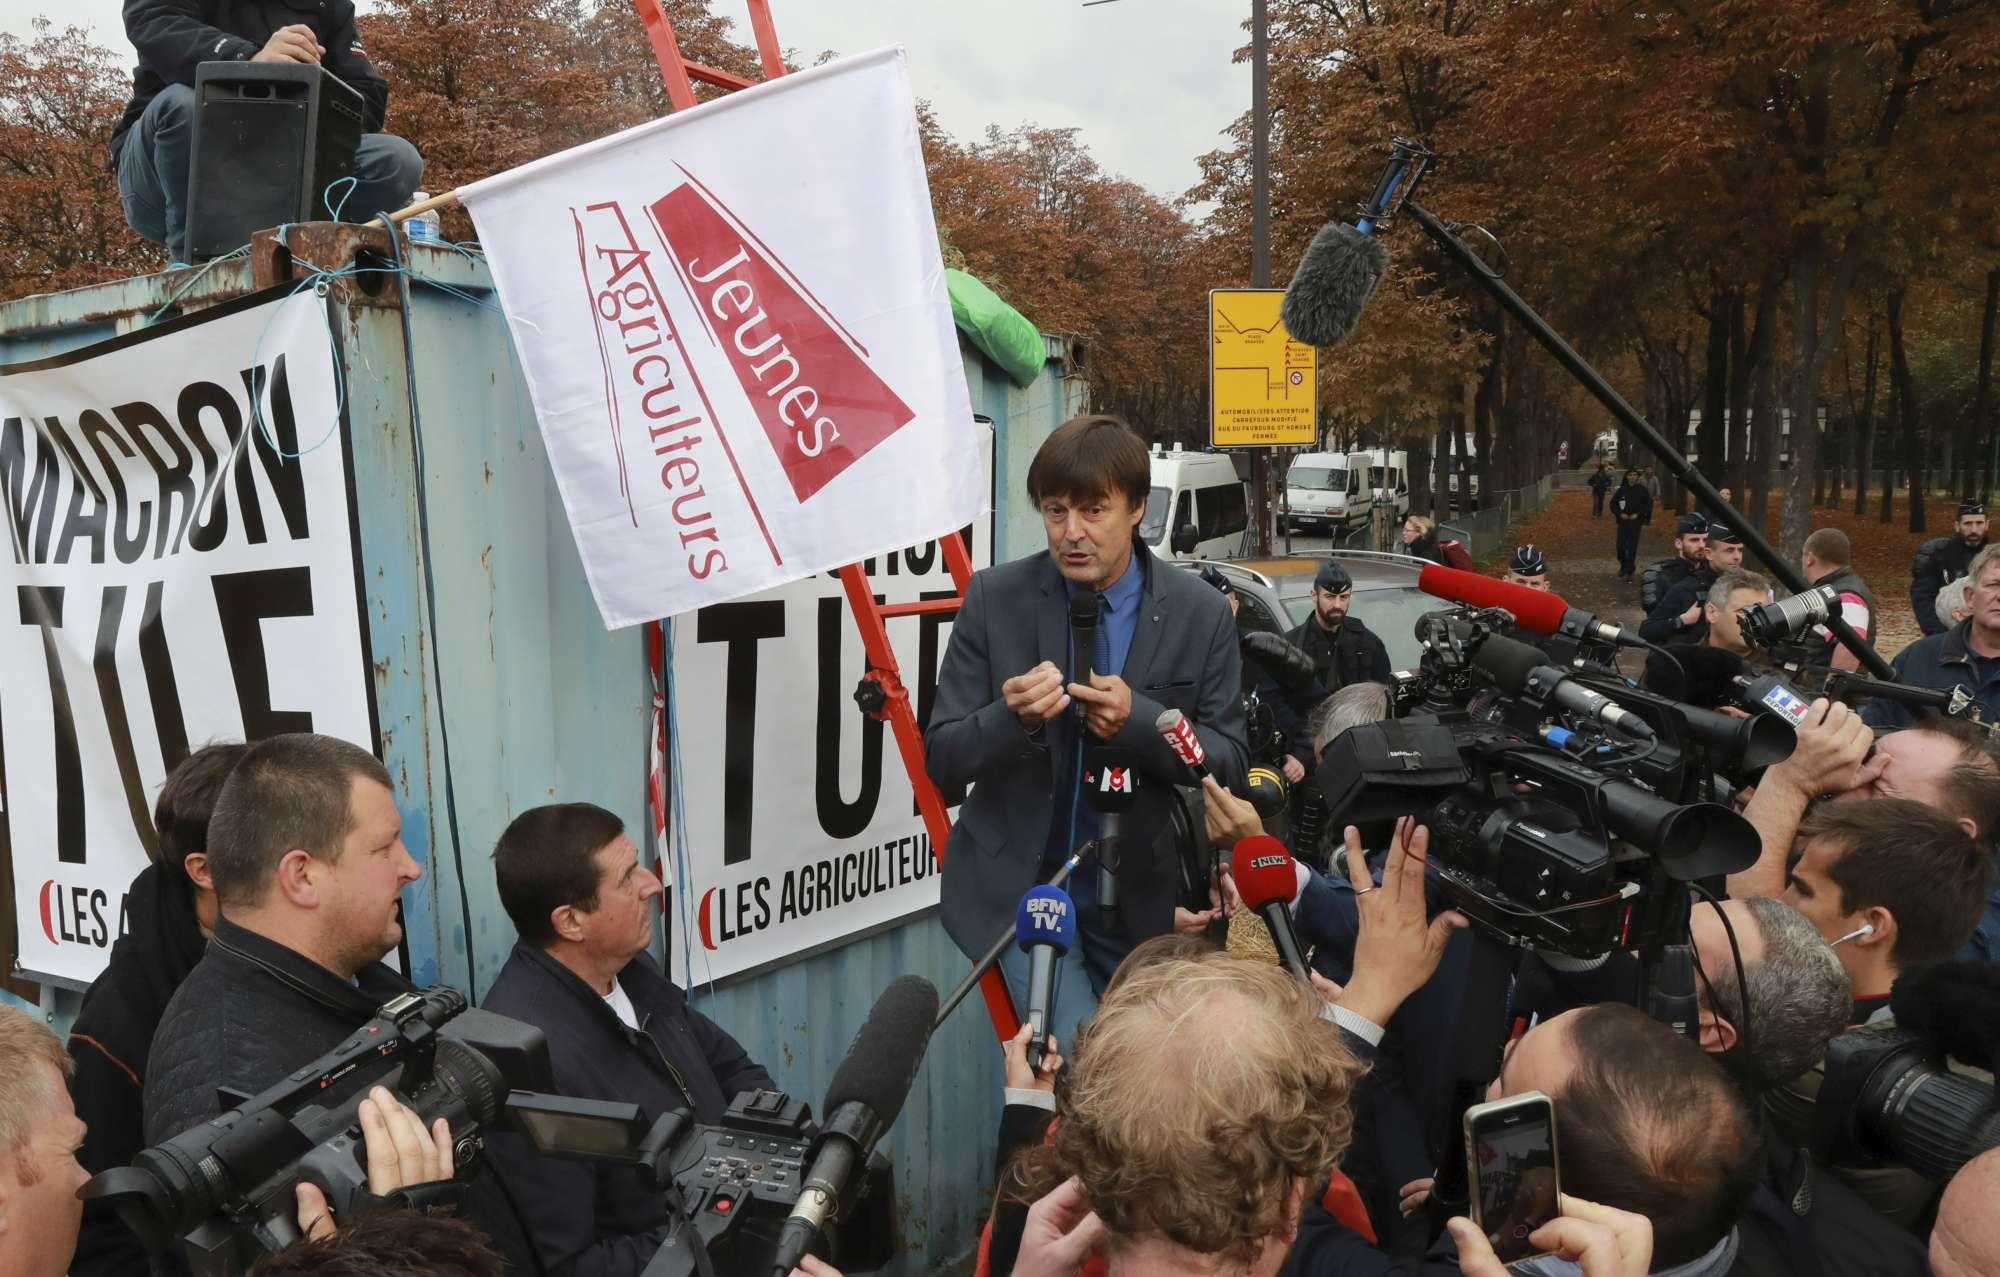 La Francia vieta il glifosato, la protesta degli agricoltori a Parigi